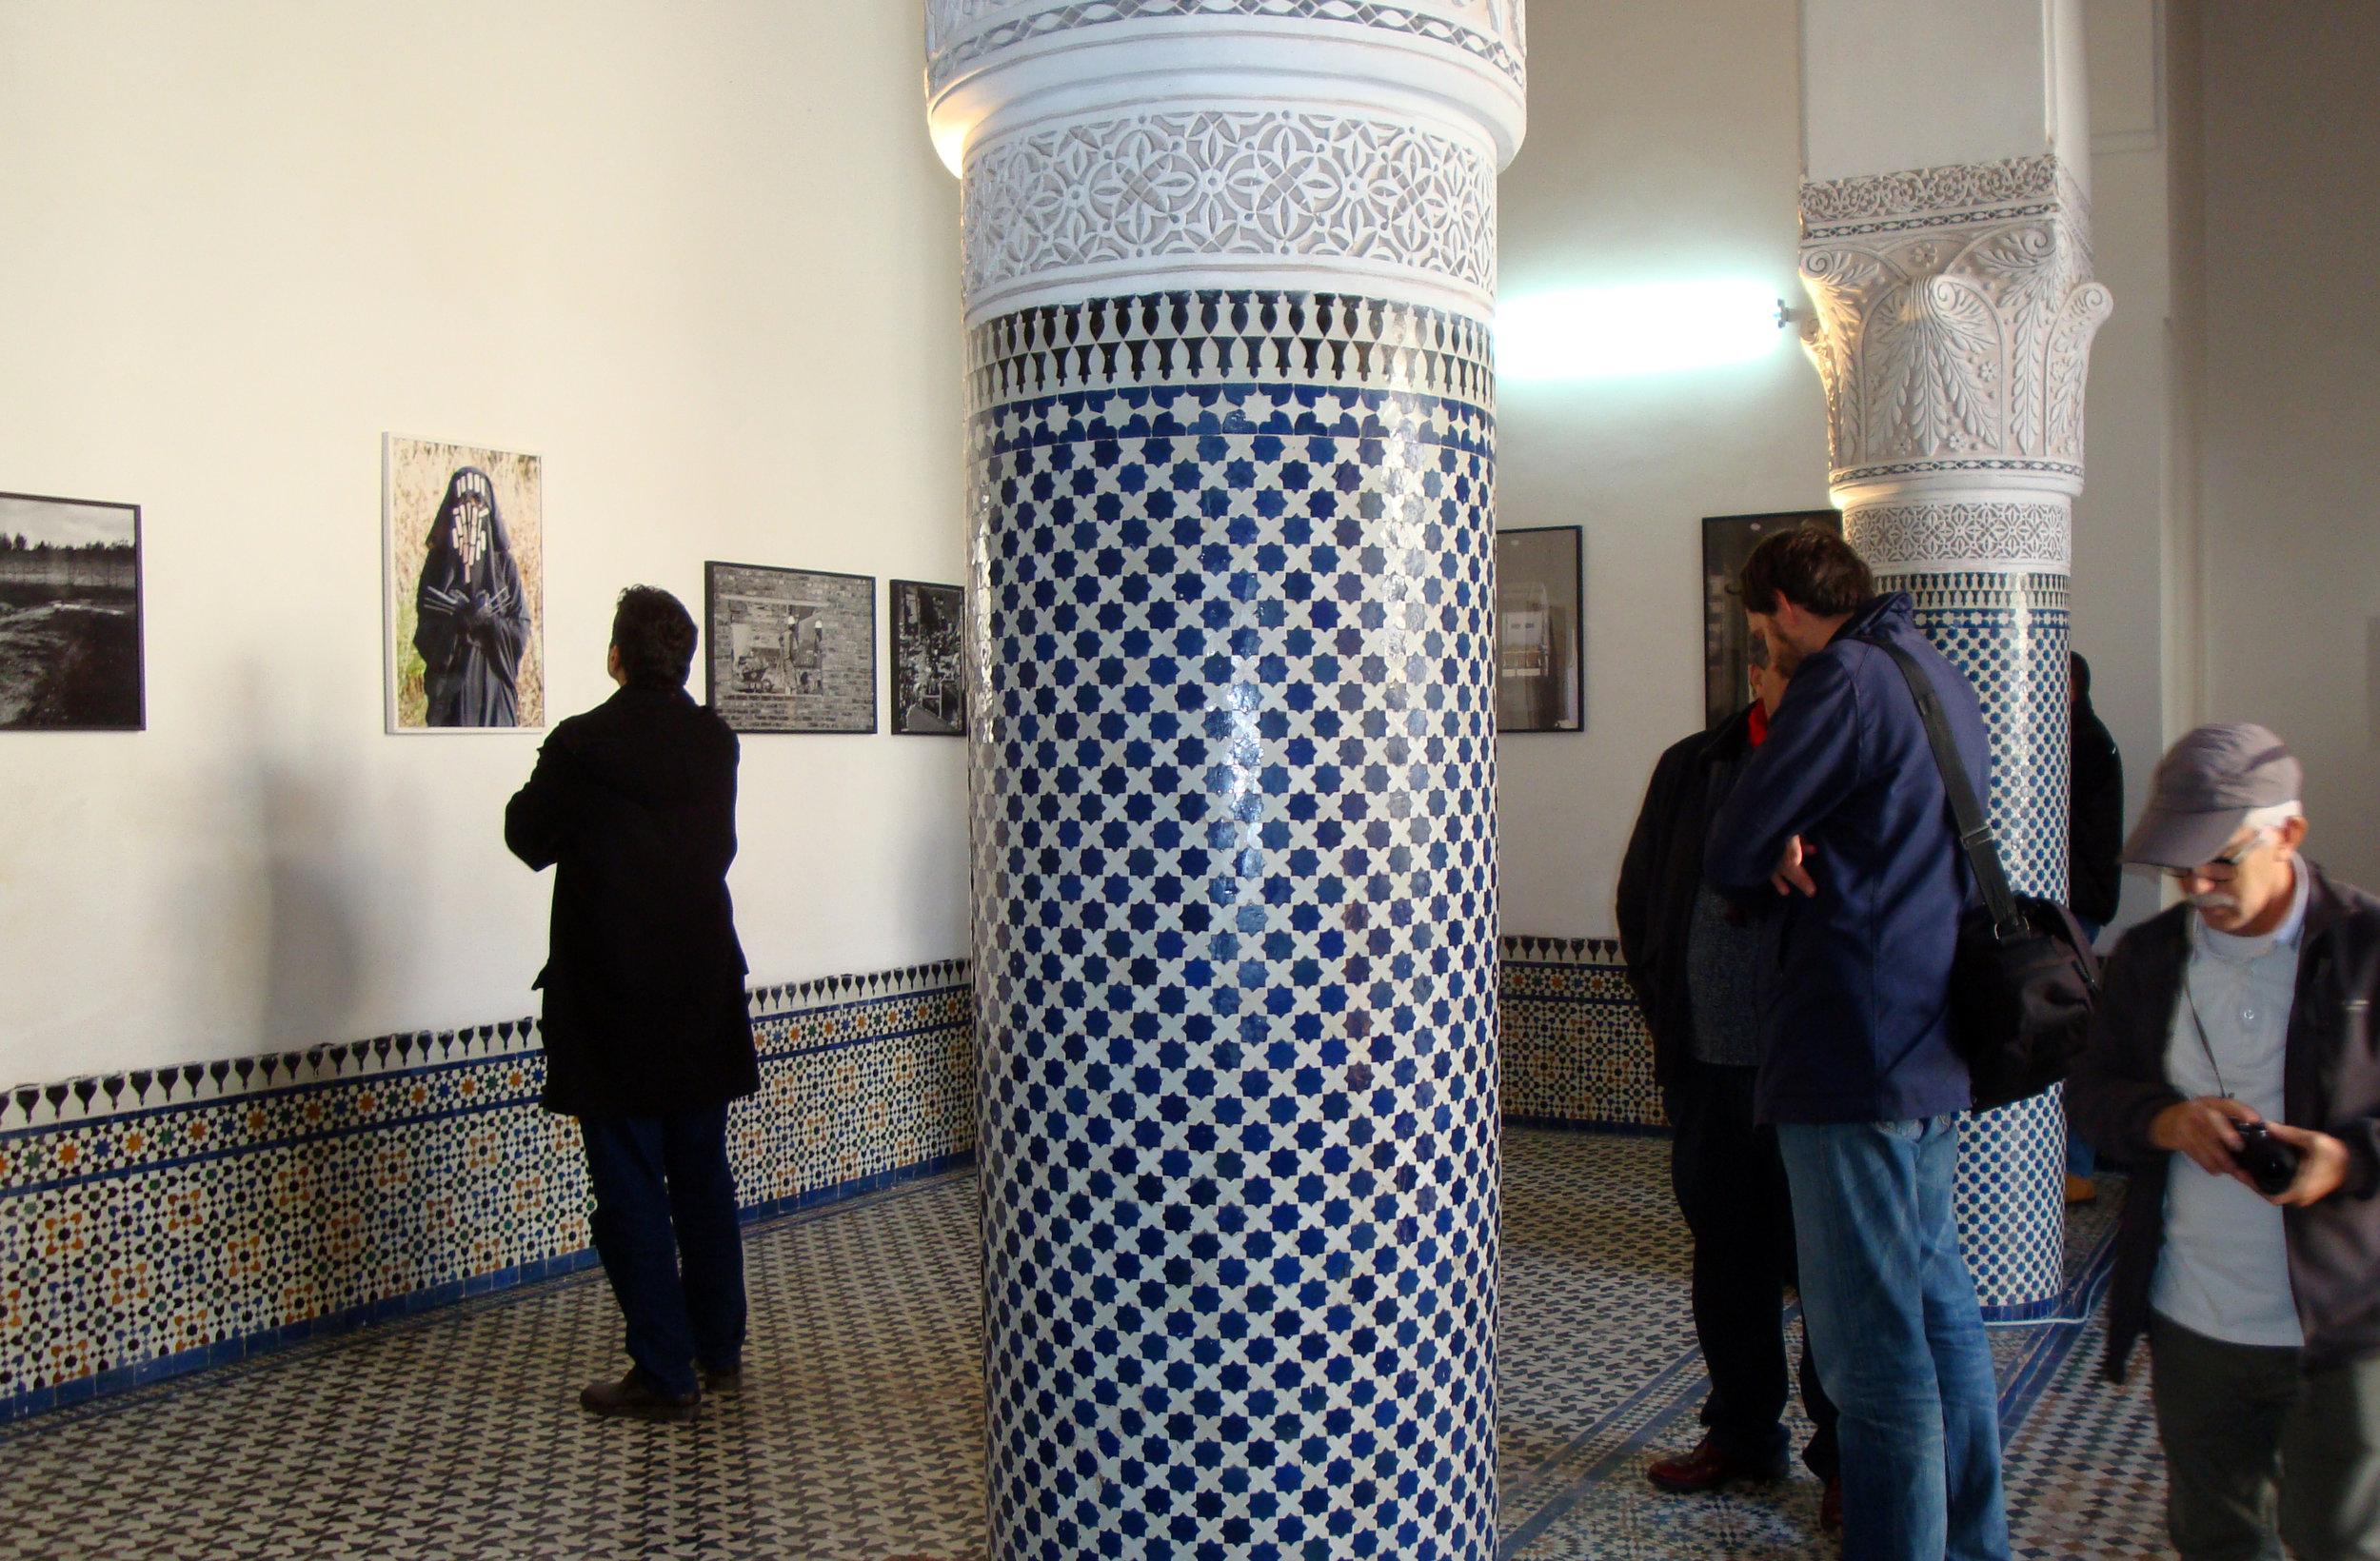 Dans le cadre de la Saison Culturelle France-Maroc 2018, L'Institut Français du Maroc organise, site de Fès organise  Les Rencontres Internationales de la Photo de Fès – 11ème édition , (Biennale) du 30 novembre au 20 décembre 2018, sous le commissariat de Mohamed Thara.